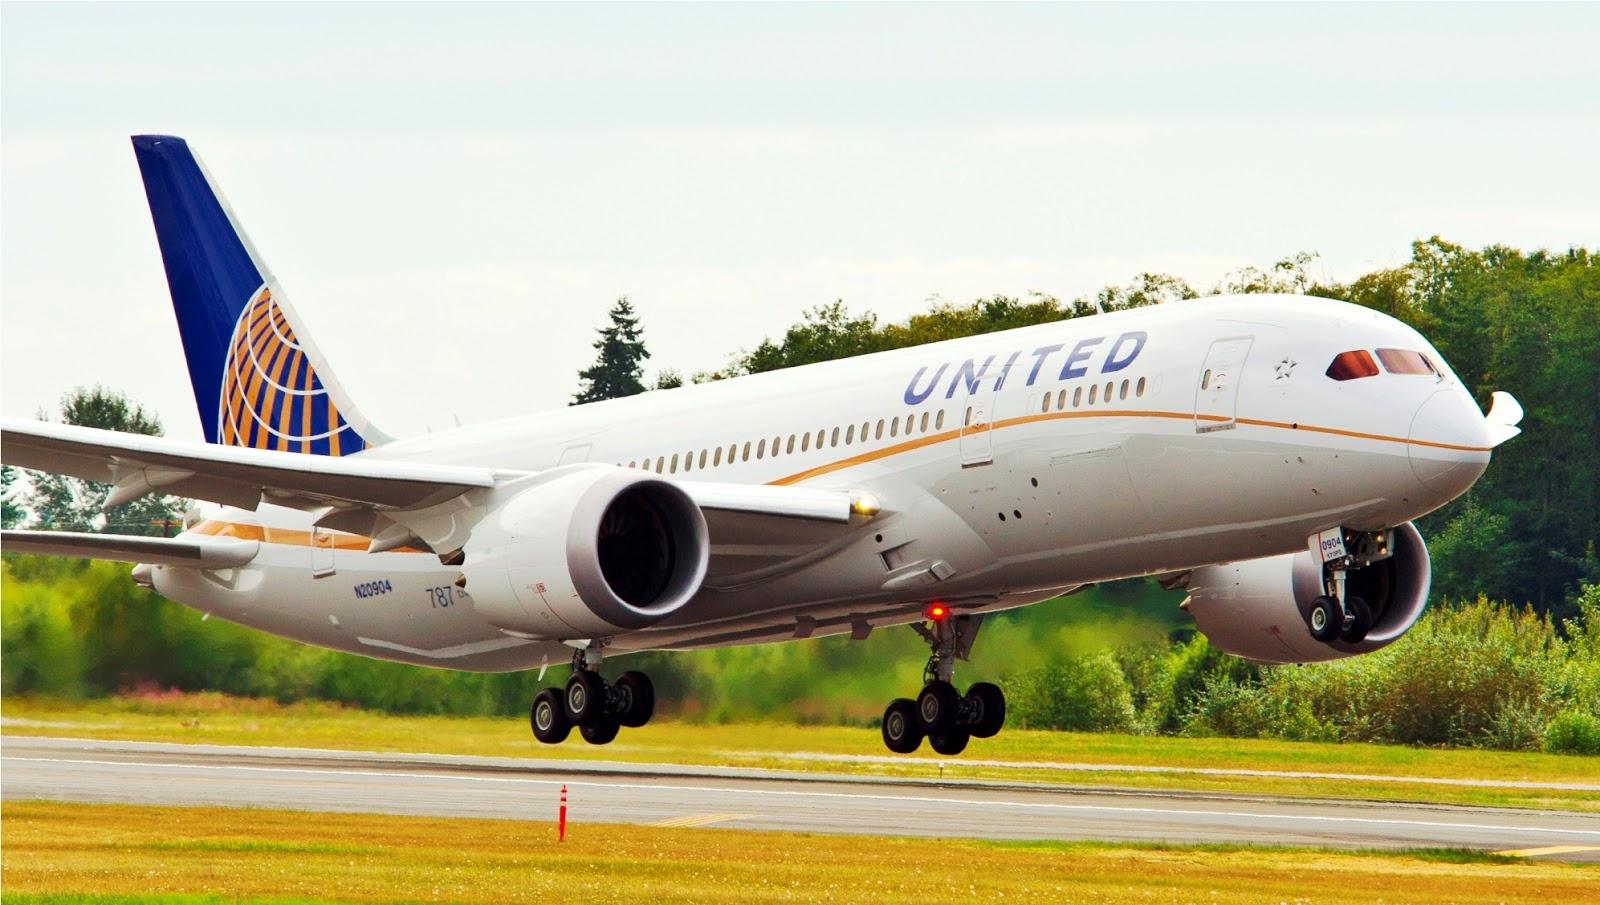 http://2.bp.blogspot.com/-x_lWJ_kqITI/UNpD6gqpjiI/AAAAAAAANrI/QjOn9bd5ukU/s1600/b787_dreamliner_united_airlines.jpg